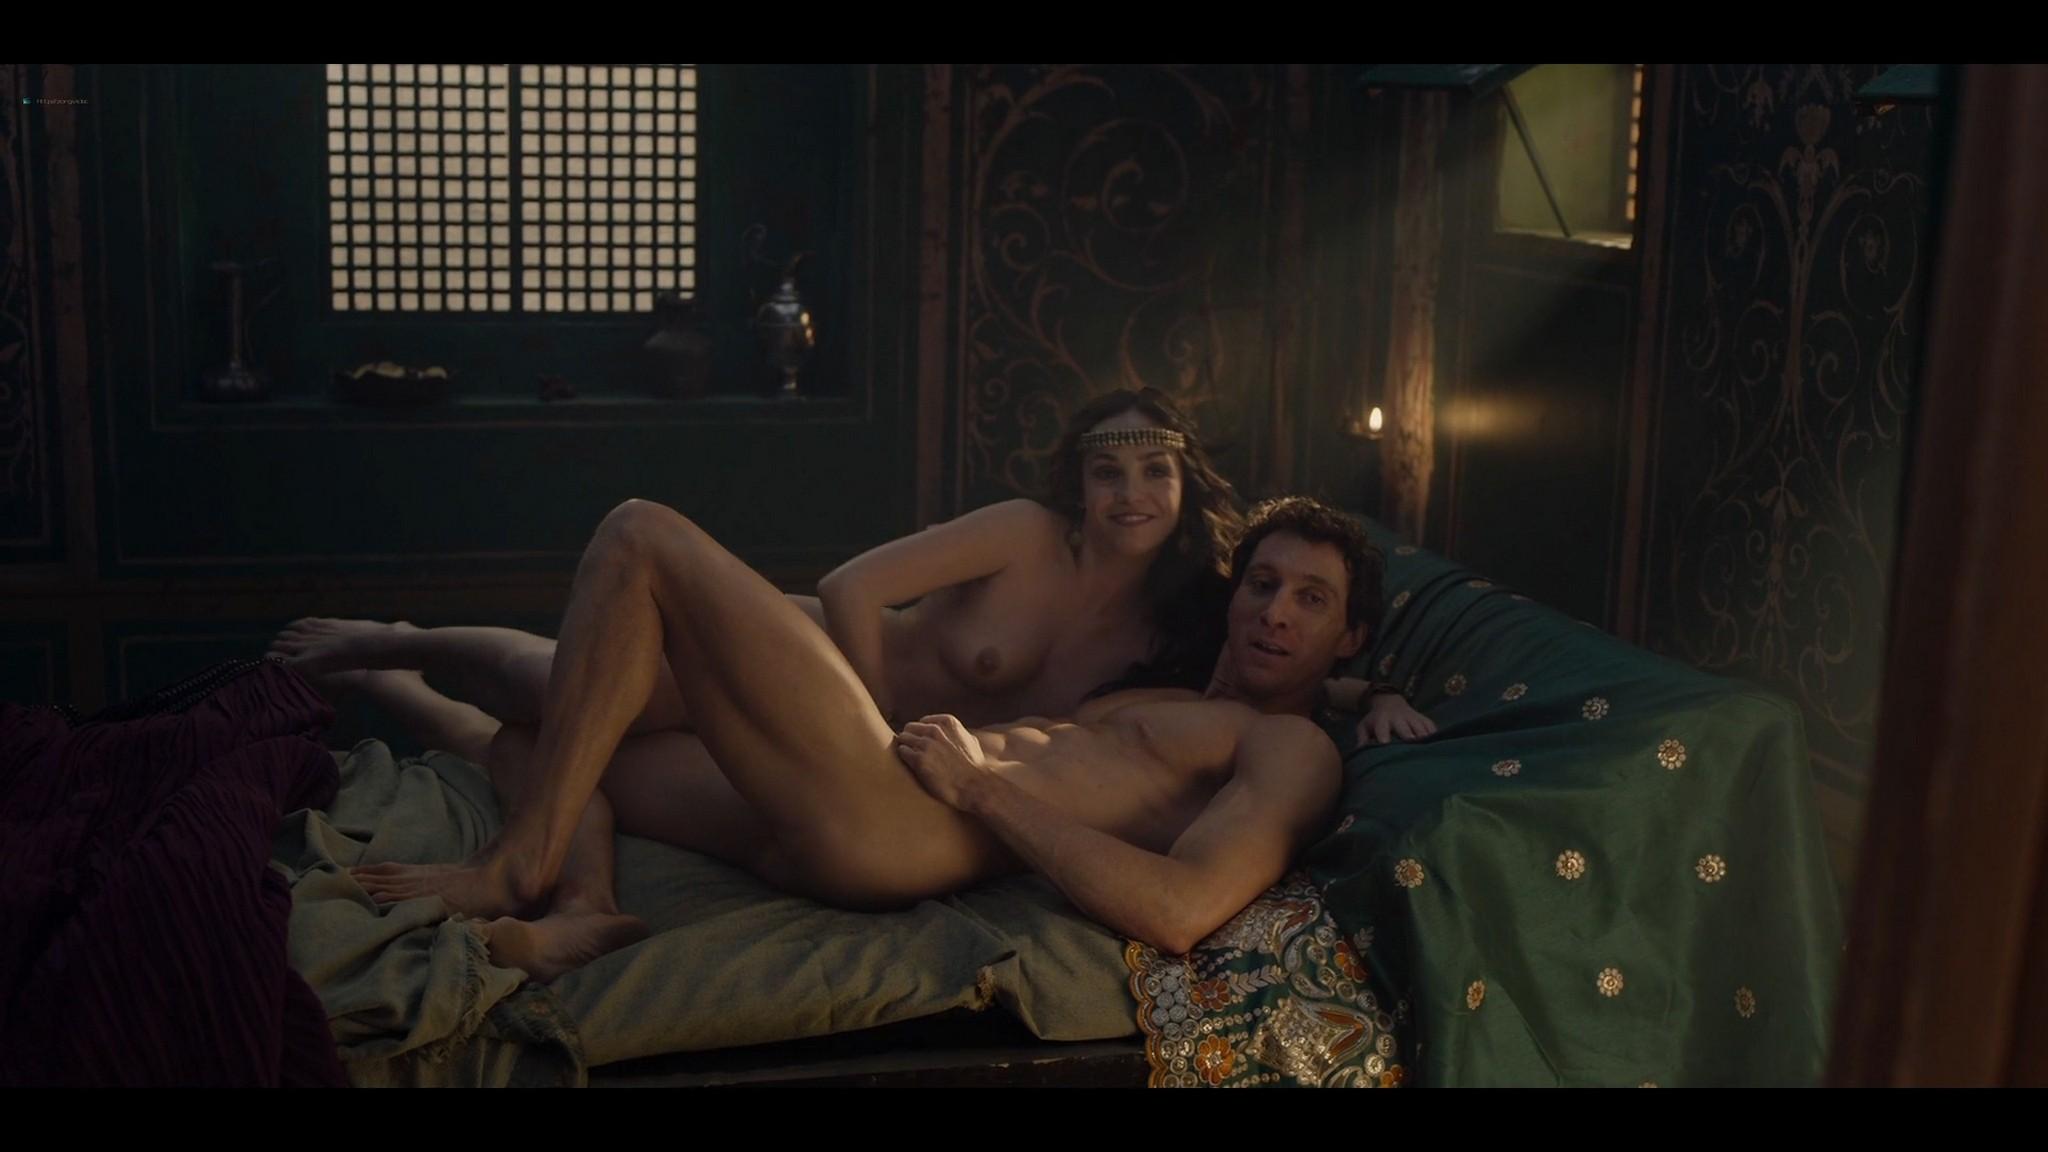 Kasia Smutniak nude sex Alais Lawson nude butt Domina 2021 S1 1080p Web 7